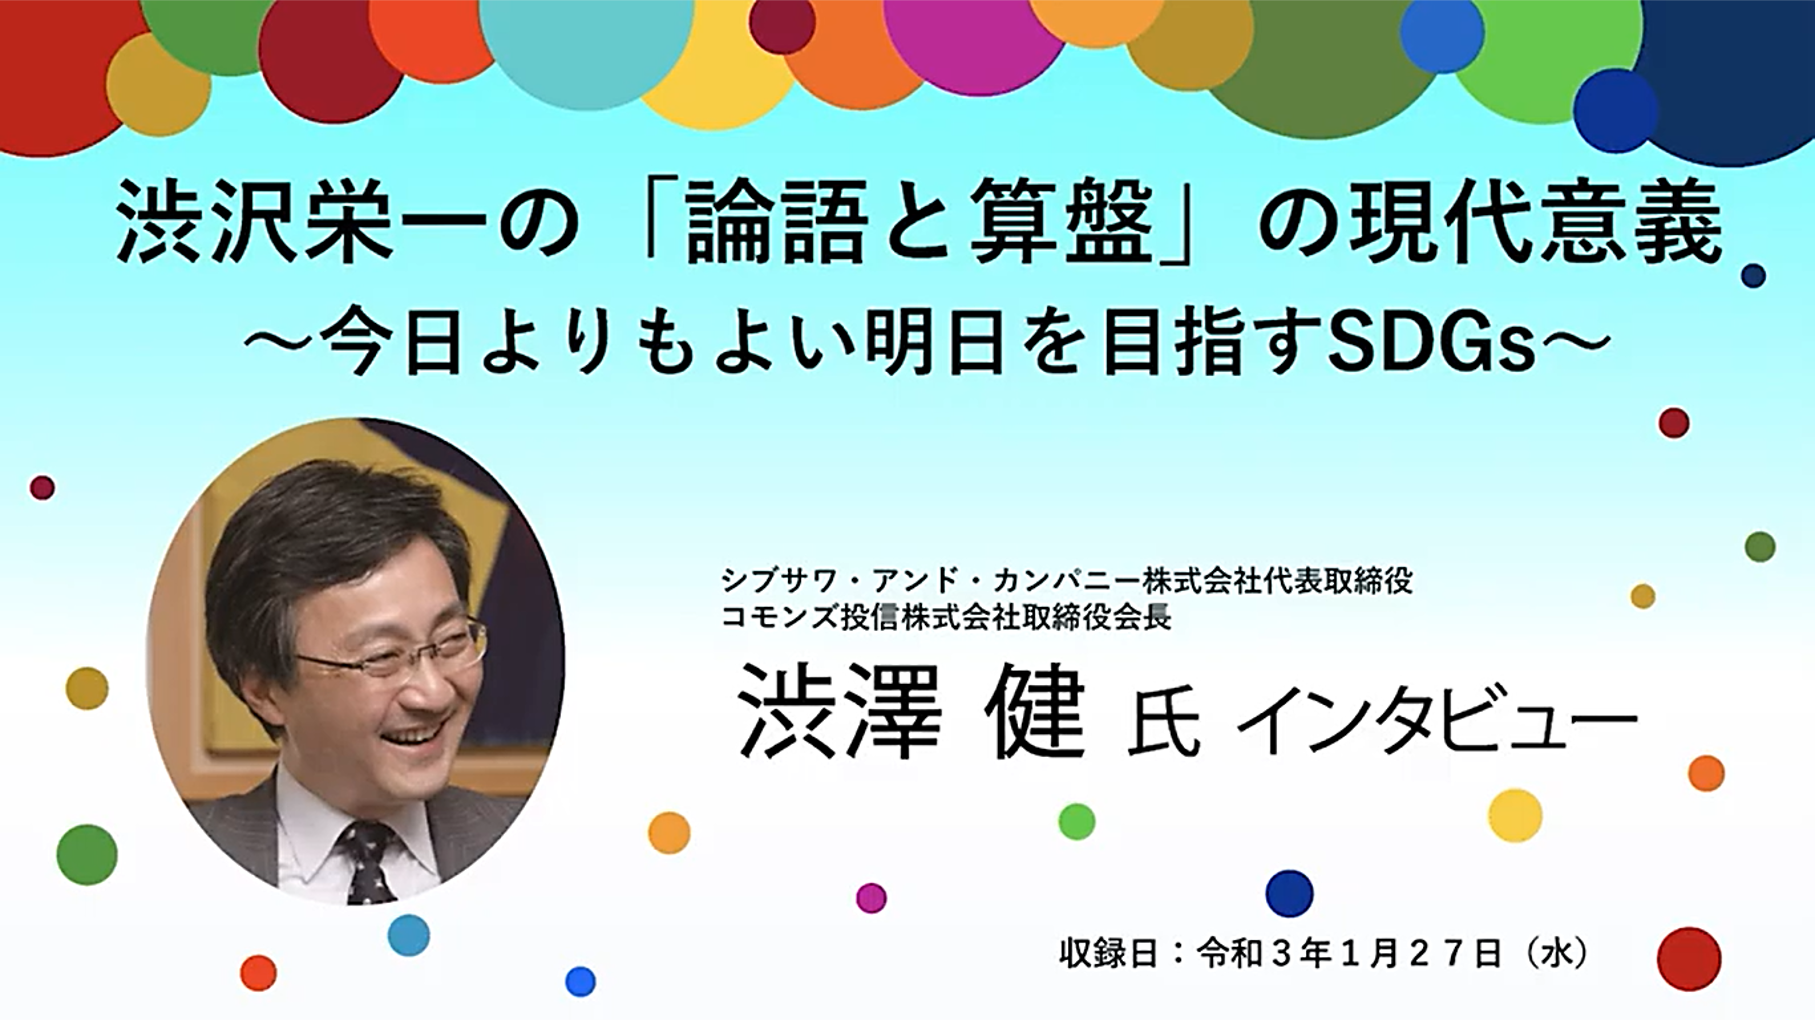 埼玉県北部地域振興センターによって企画された『渋澤建氏特別インタビュー~渋沢栄一の『論語と算盤』の現代意義~今日よりもよい明日を目指すSDGs~』の動画が配信中です。